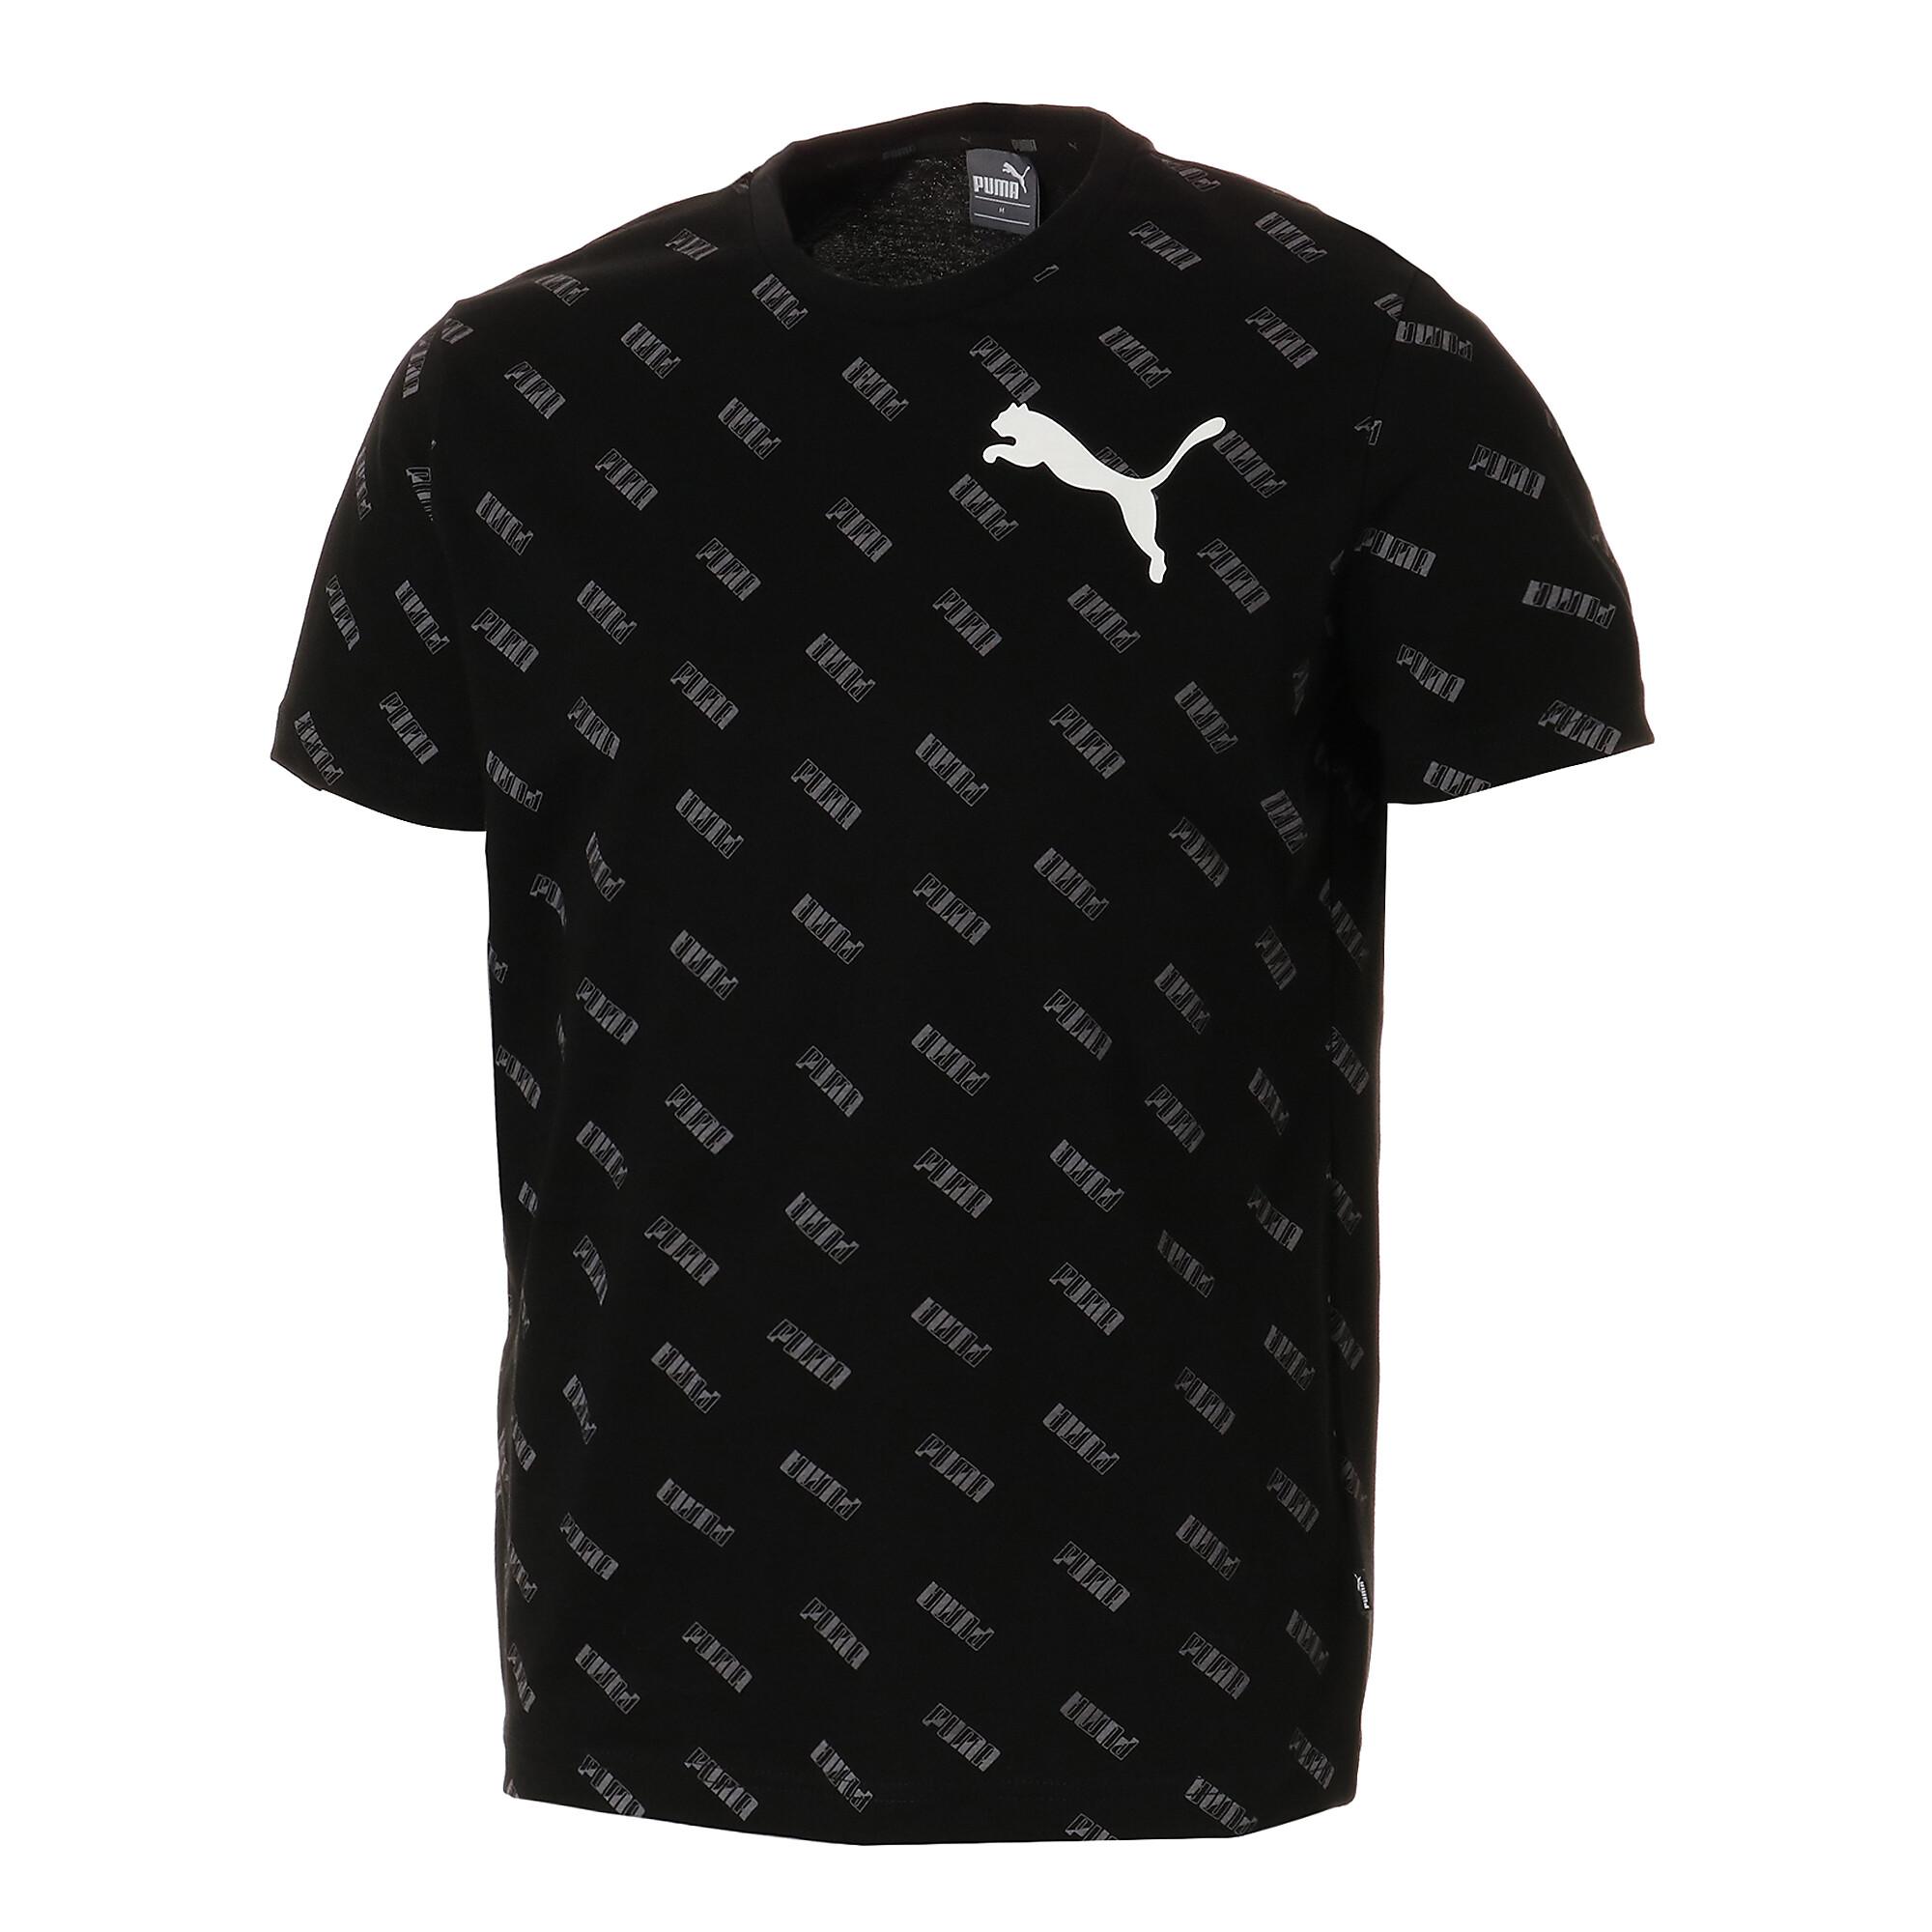 【プーマ公式通販】 プーマ SUMMER ロゴ AOP Tシャツ メンズ Cotton Black-AOP  PUMA.com